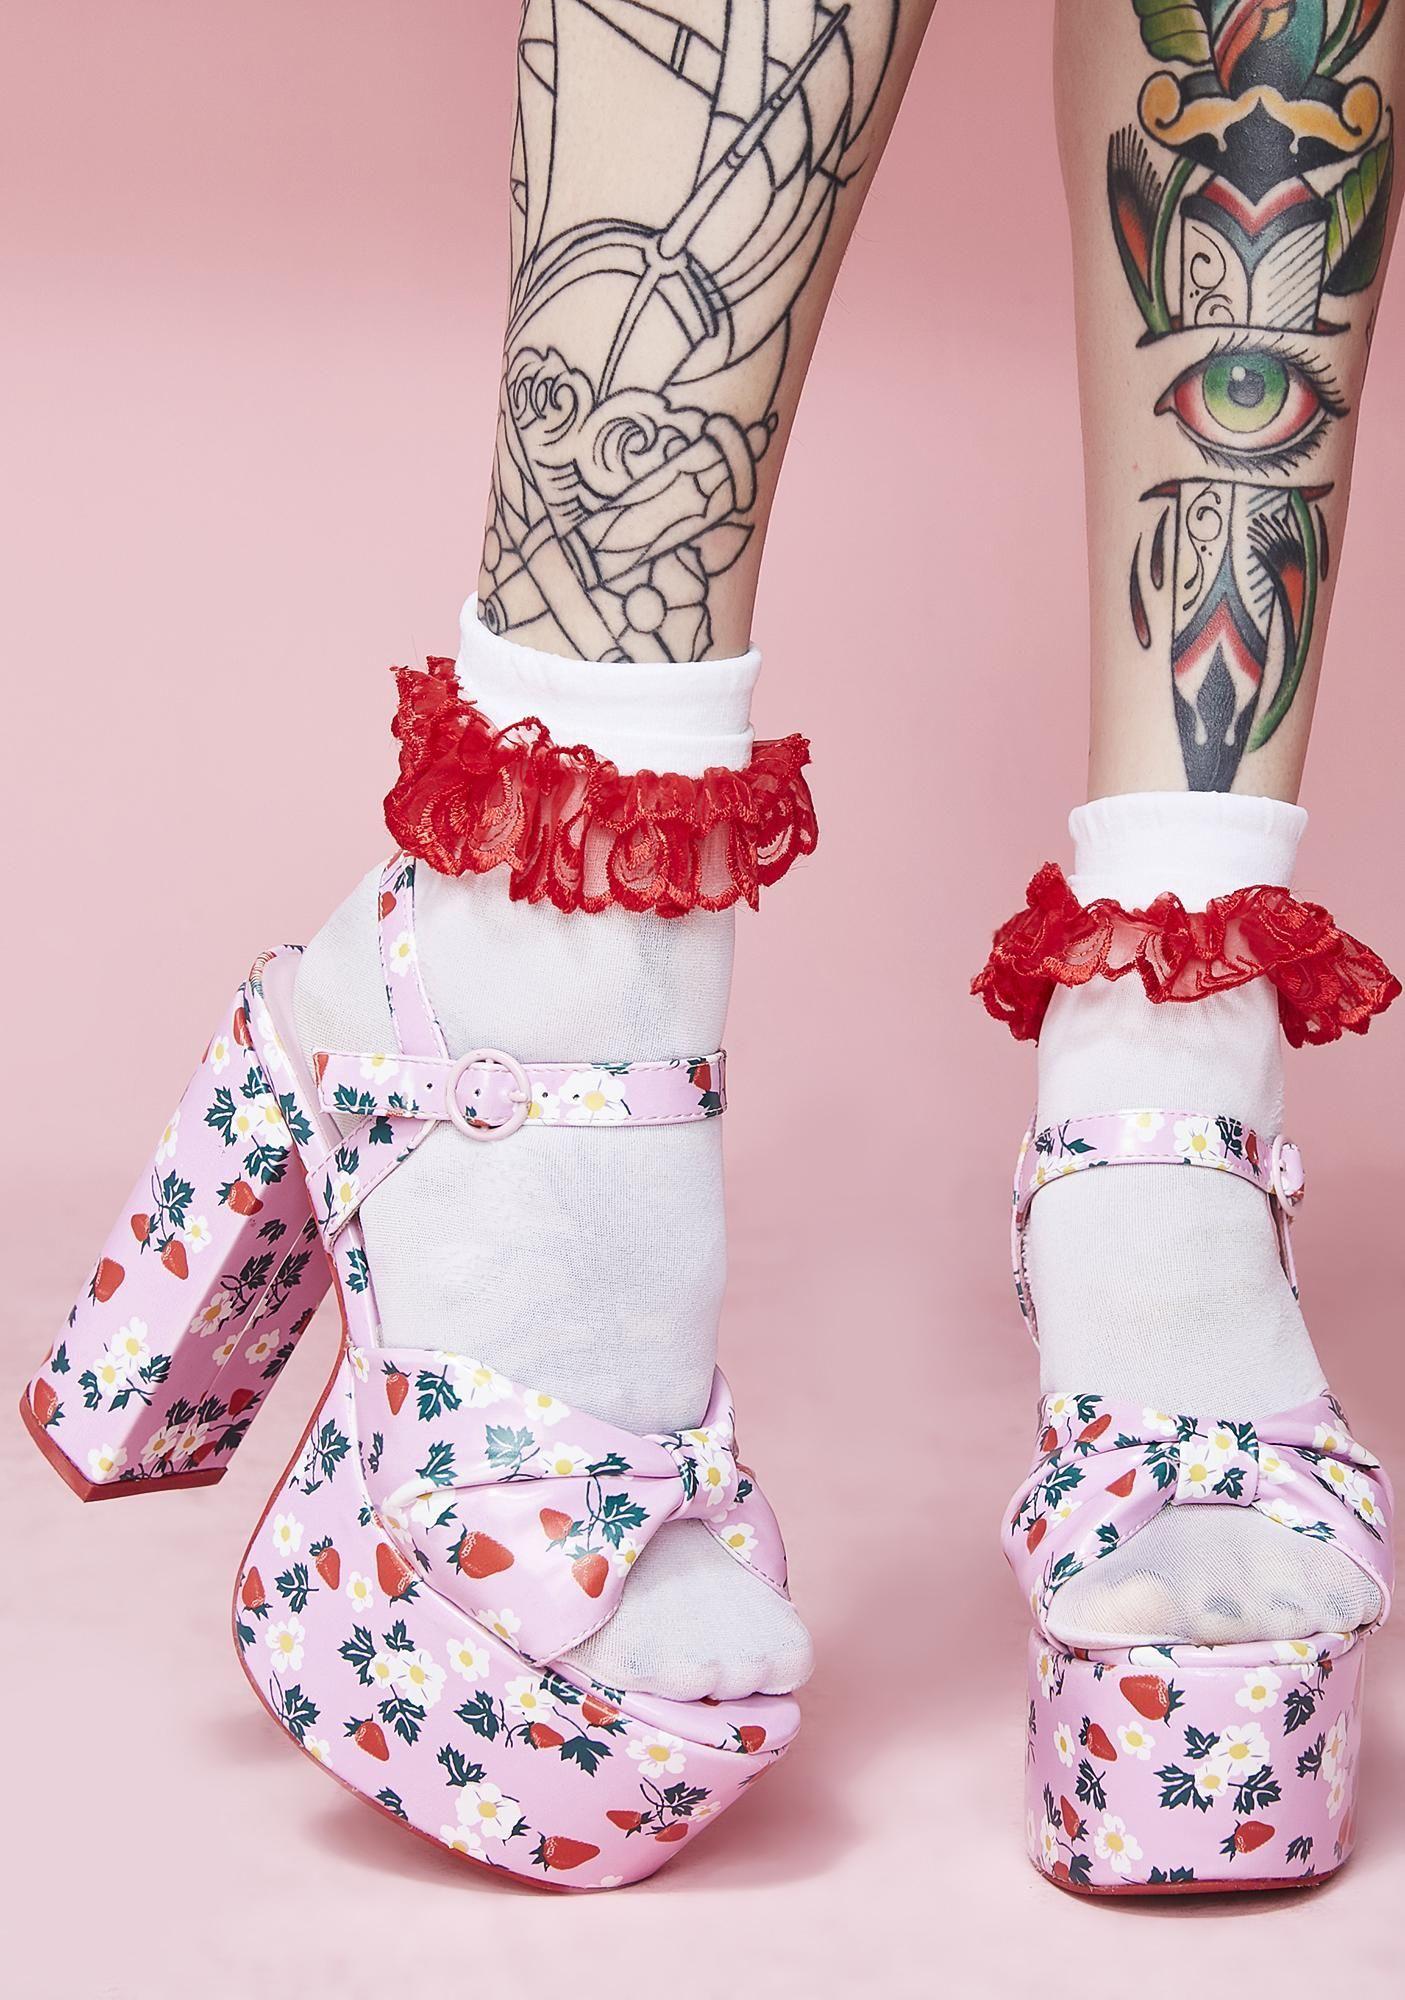 e2bff99d1b01c6 Sugar Thrillz Picked First Platform Sandals